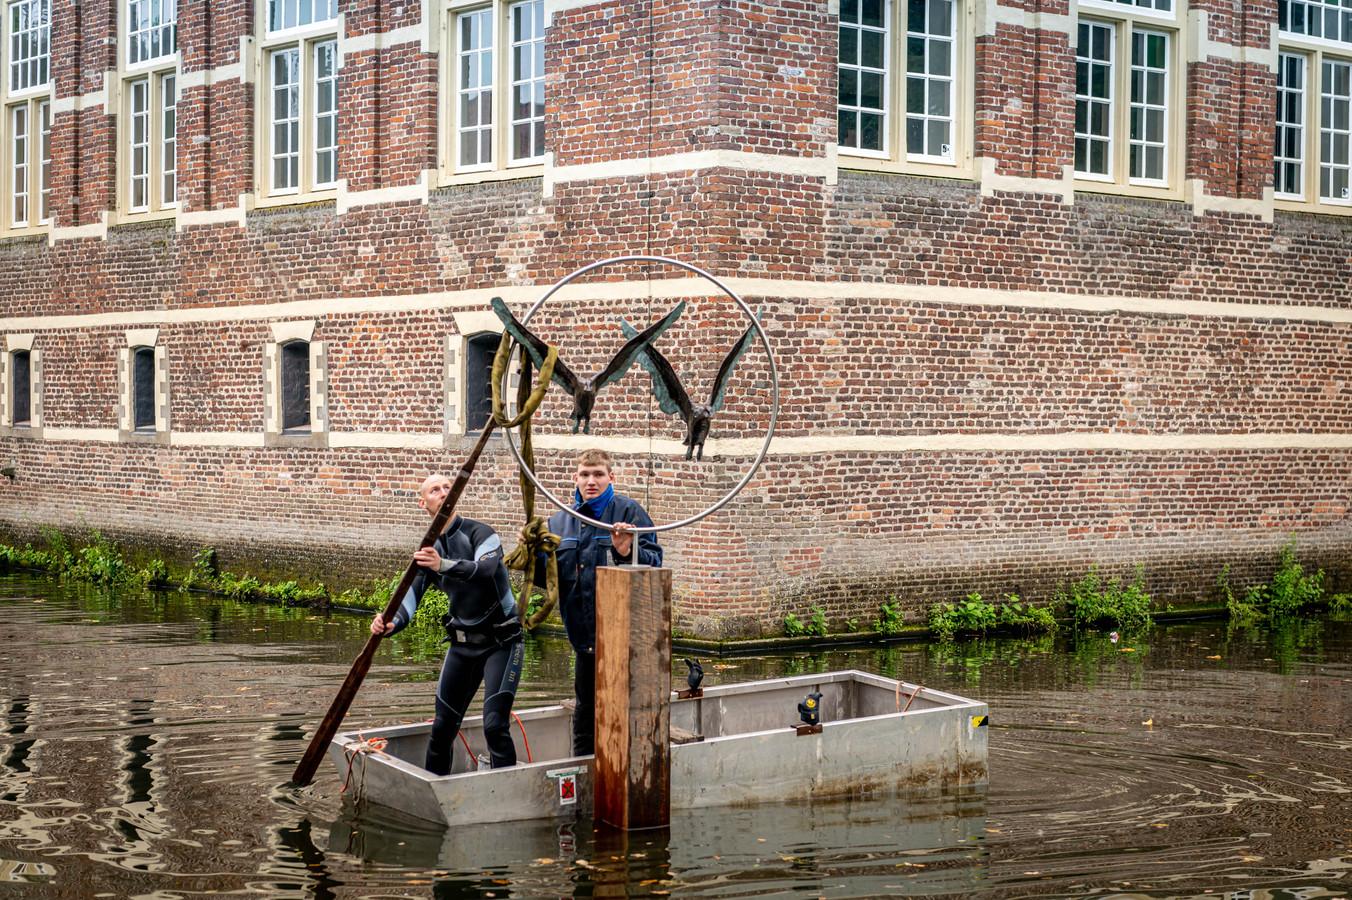 De plaatsing van het kunstwerk 'Samen verder' van Jonneke Kodde in de Wijchense kasteelgracht.